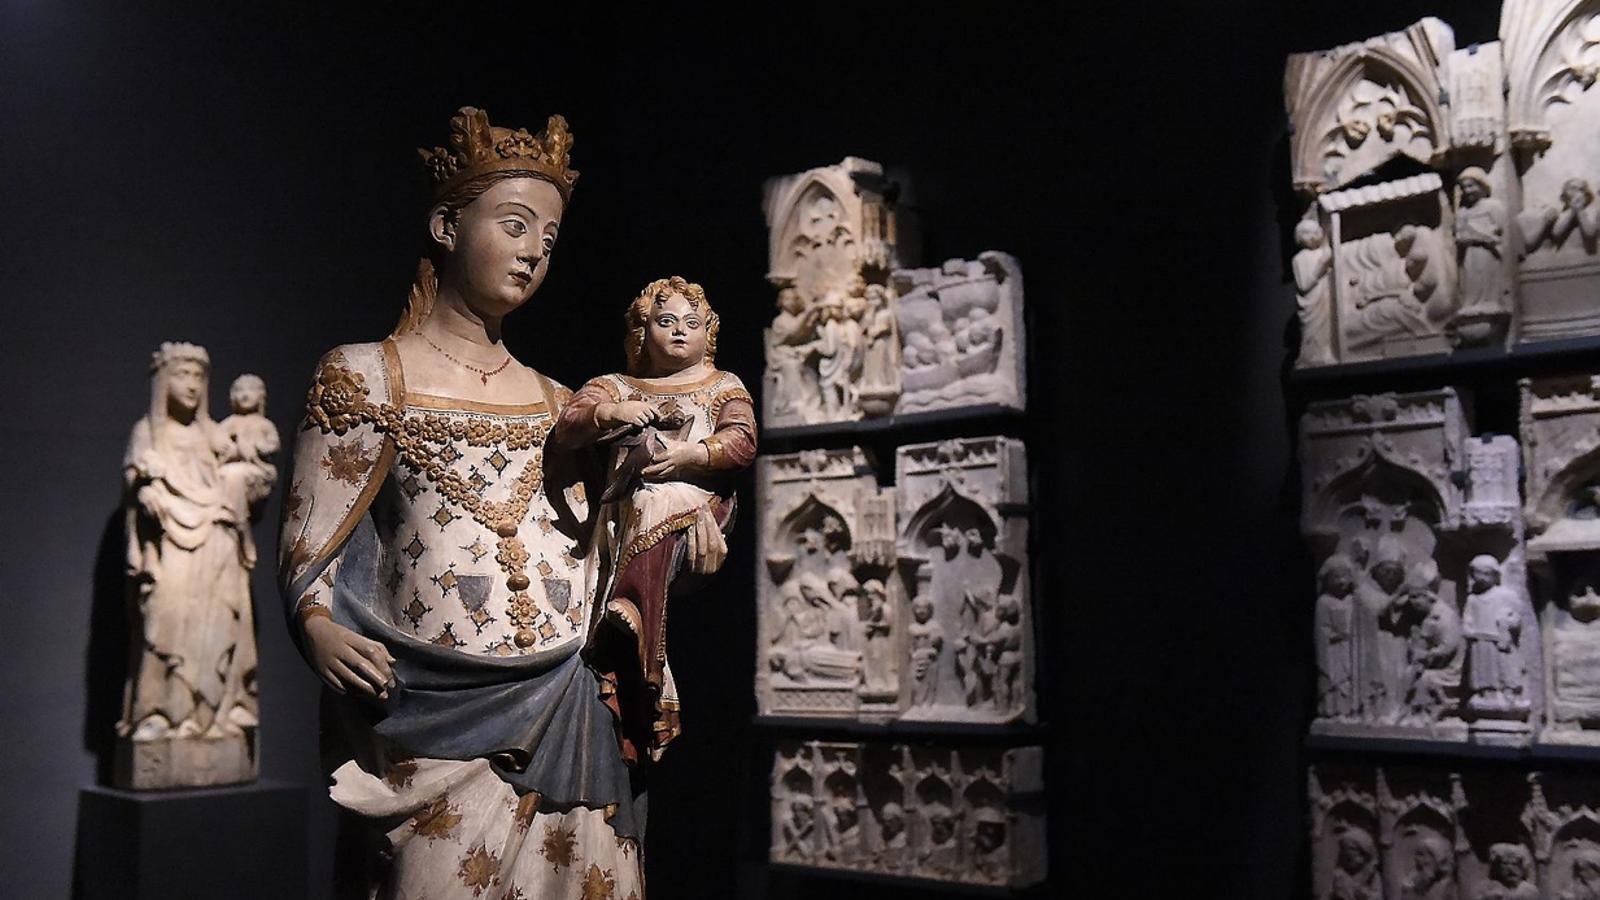 Lleida-Barbastre: Vint anys de disputa per l'art sacre